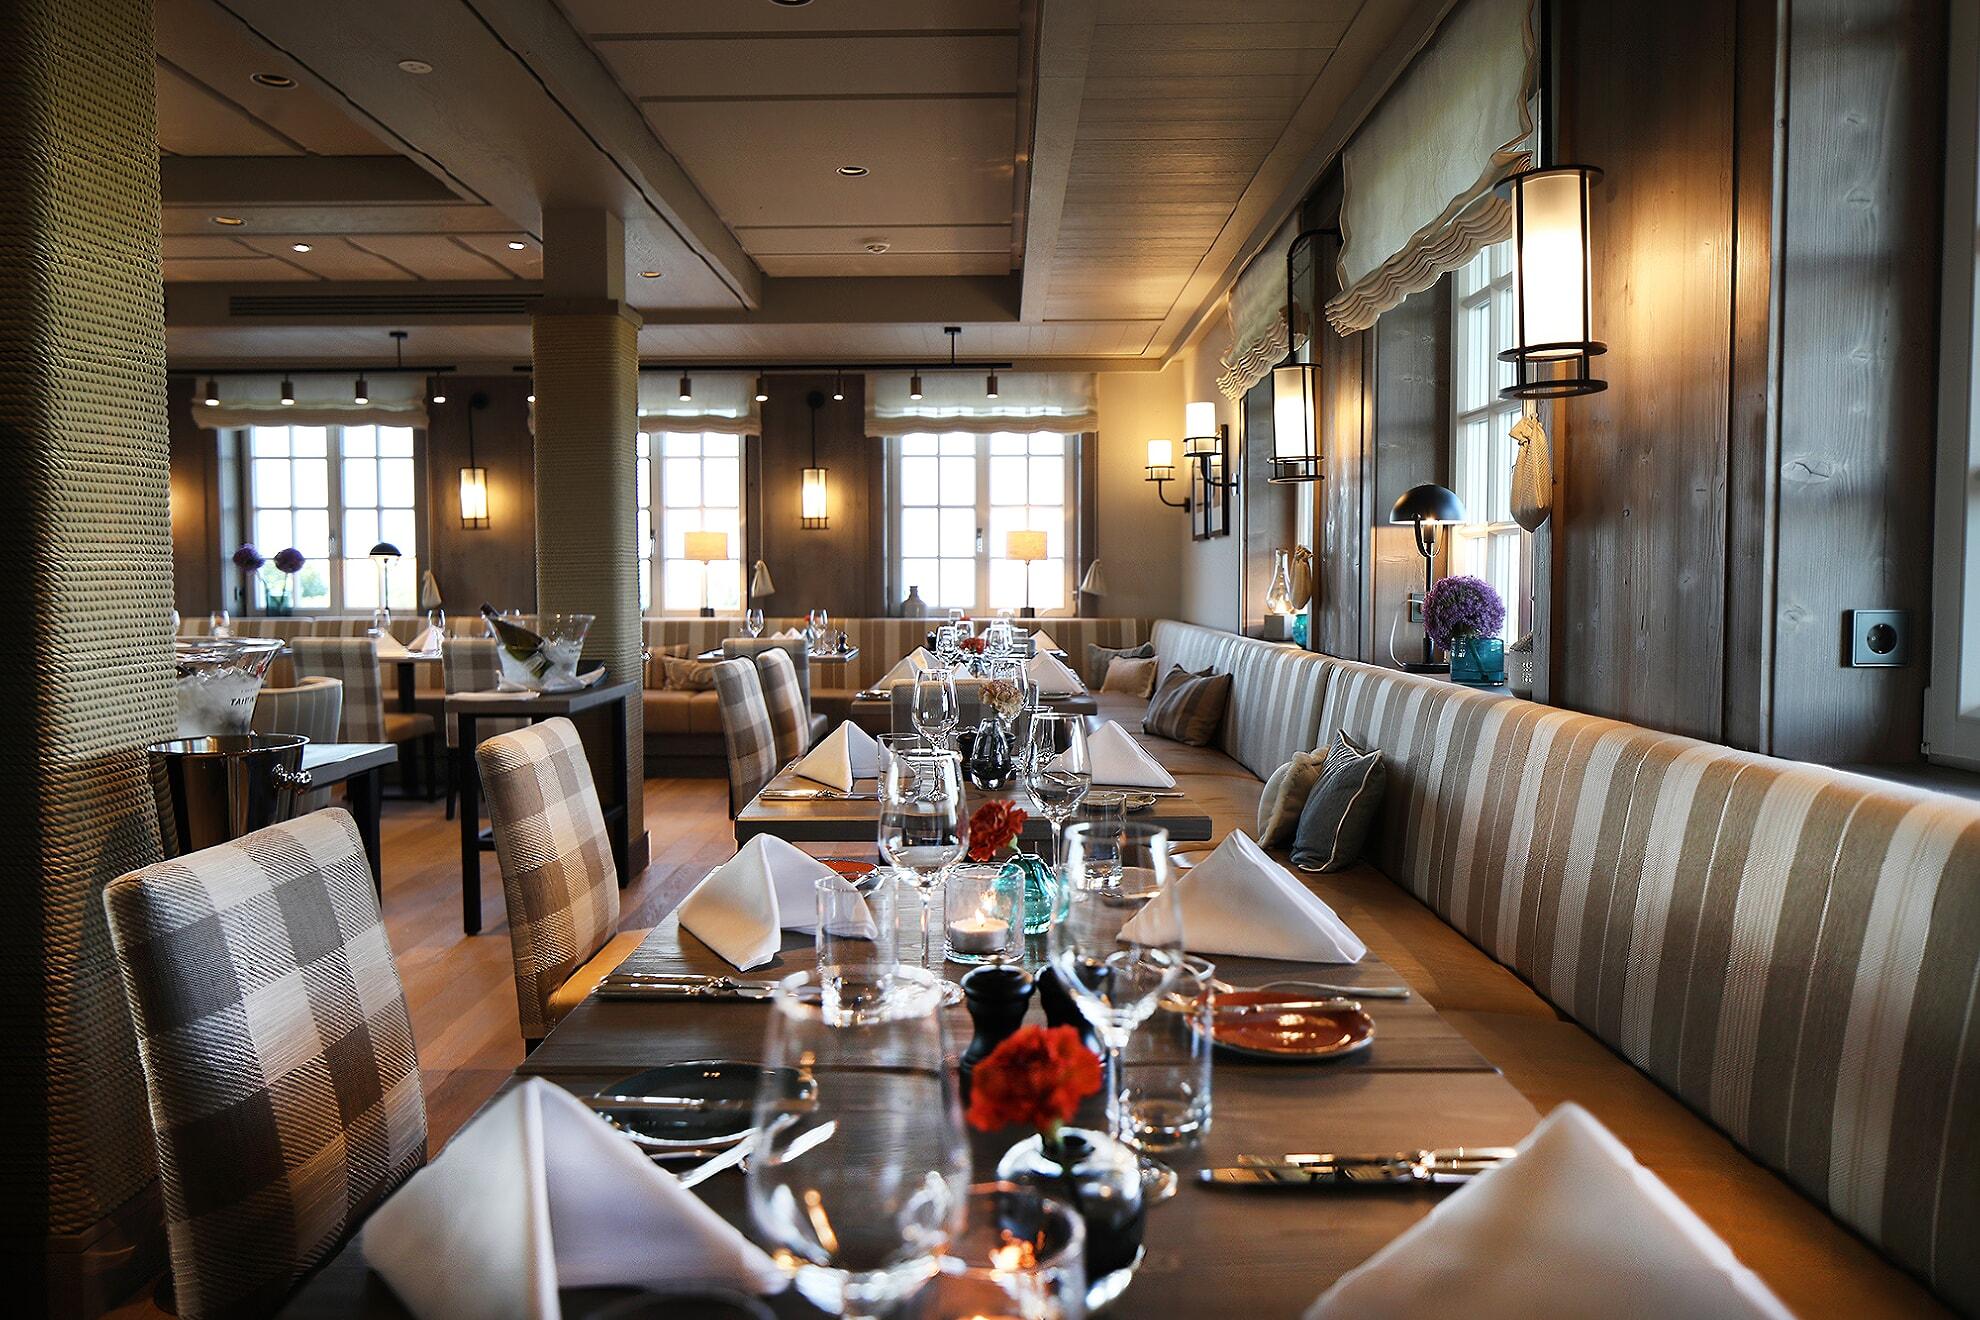 Restaurant im Landhaus Severin*s